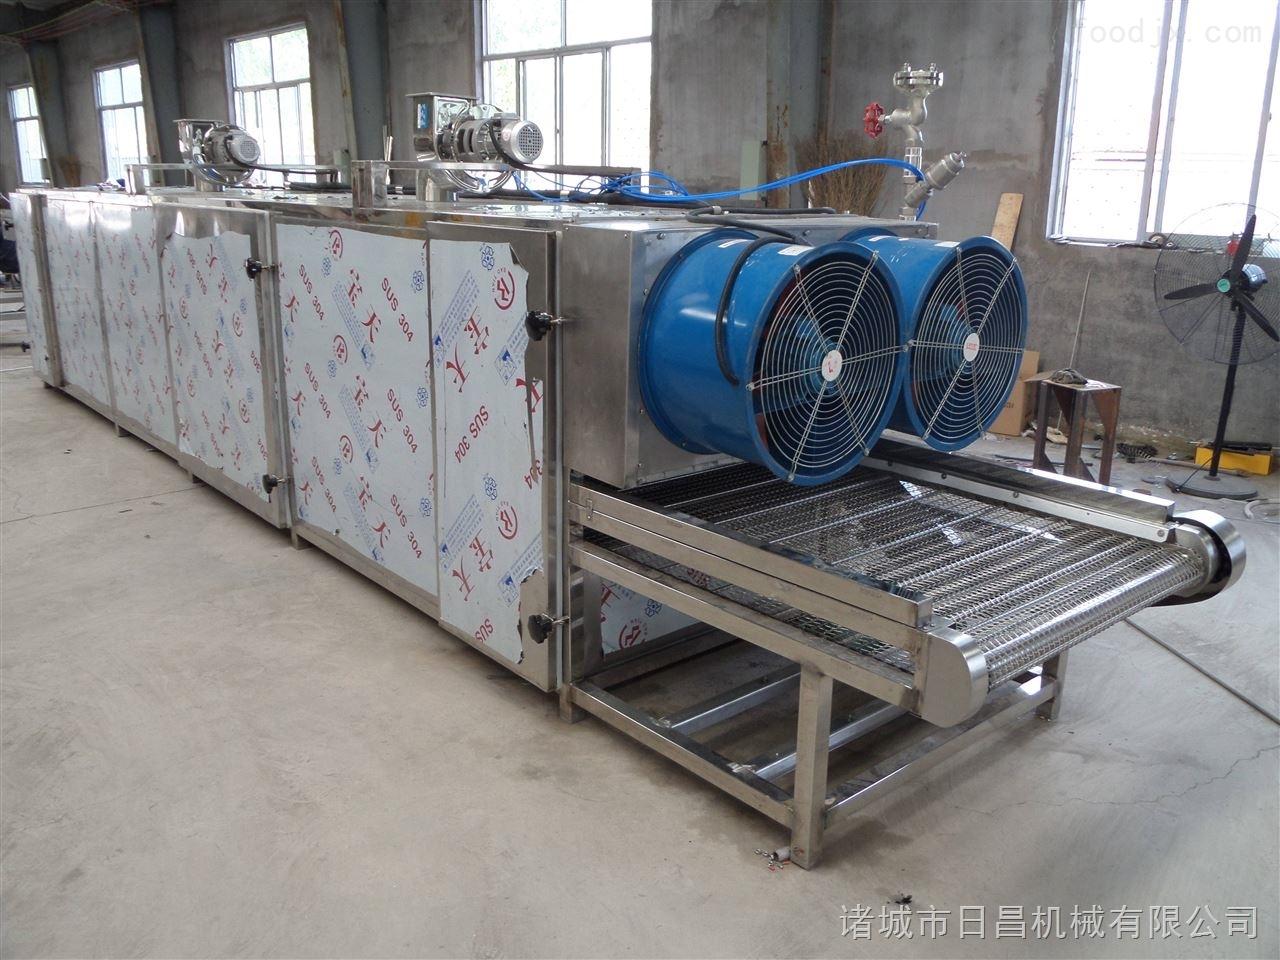 日昌机械海产品烘干机,专业烘干设备